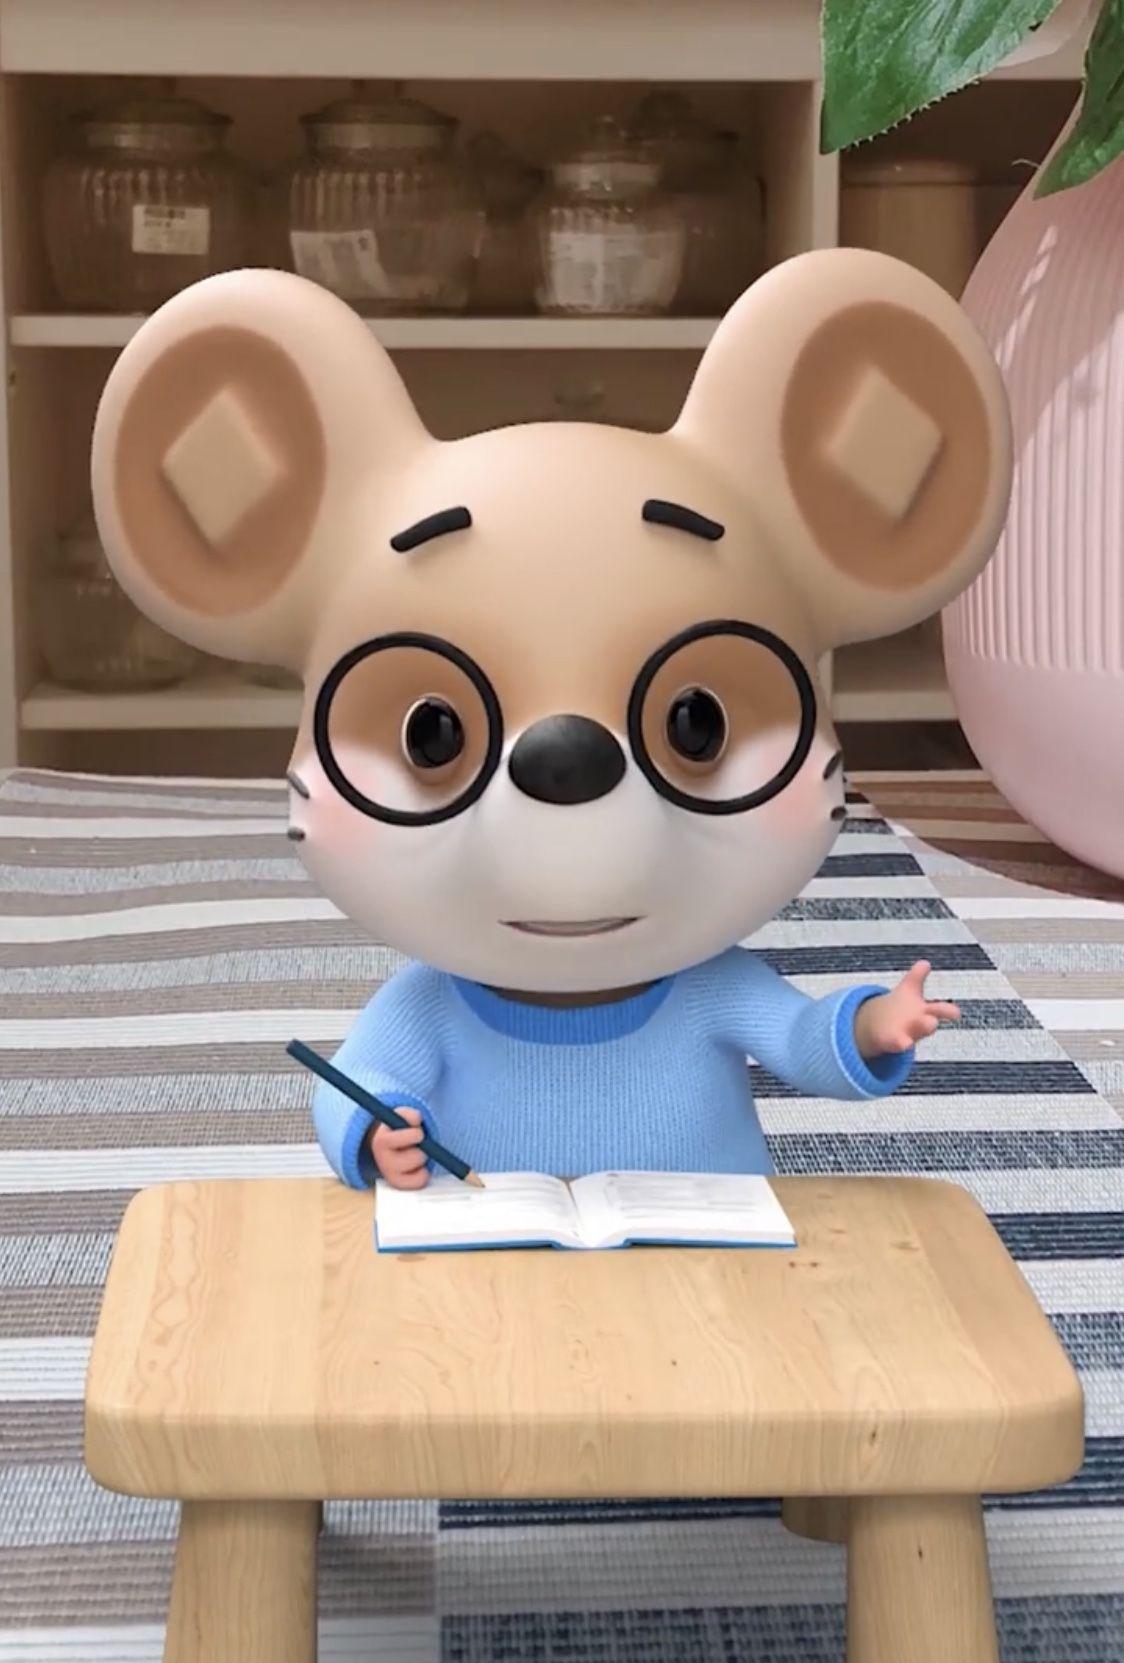 Mickey Mouse en 2020 | Dibujos bonitos de animales, Dibujos bonitos, Dibujos